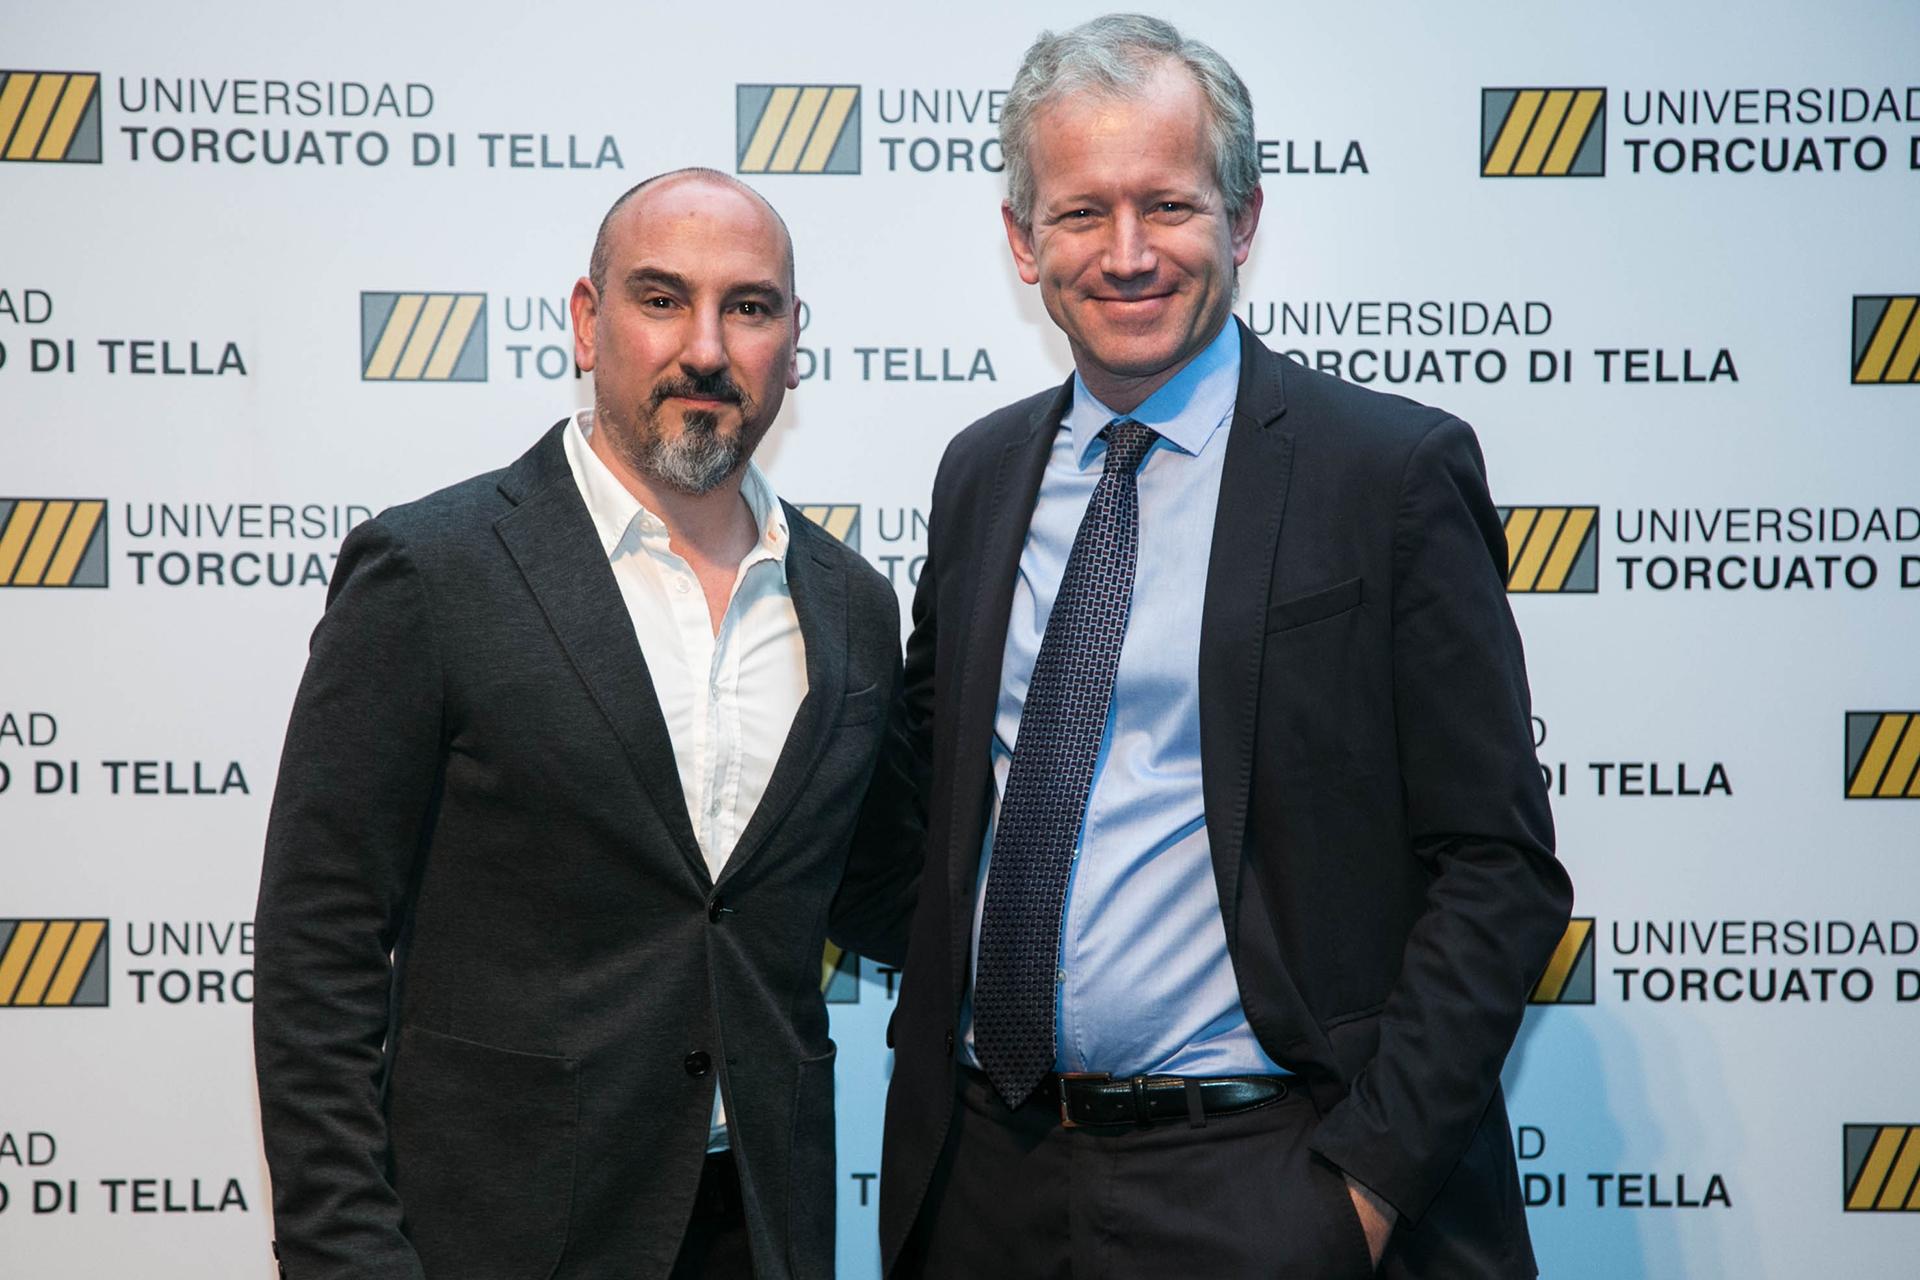 Schargrodsky y Josep Ferrando, arquitecto español ganador del concurso para la construcción del nuevo edificio de la Universidad